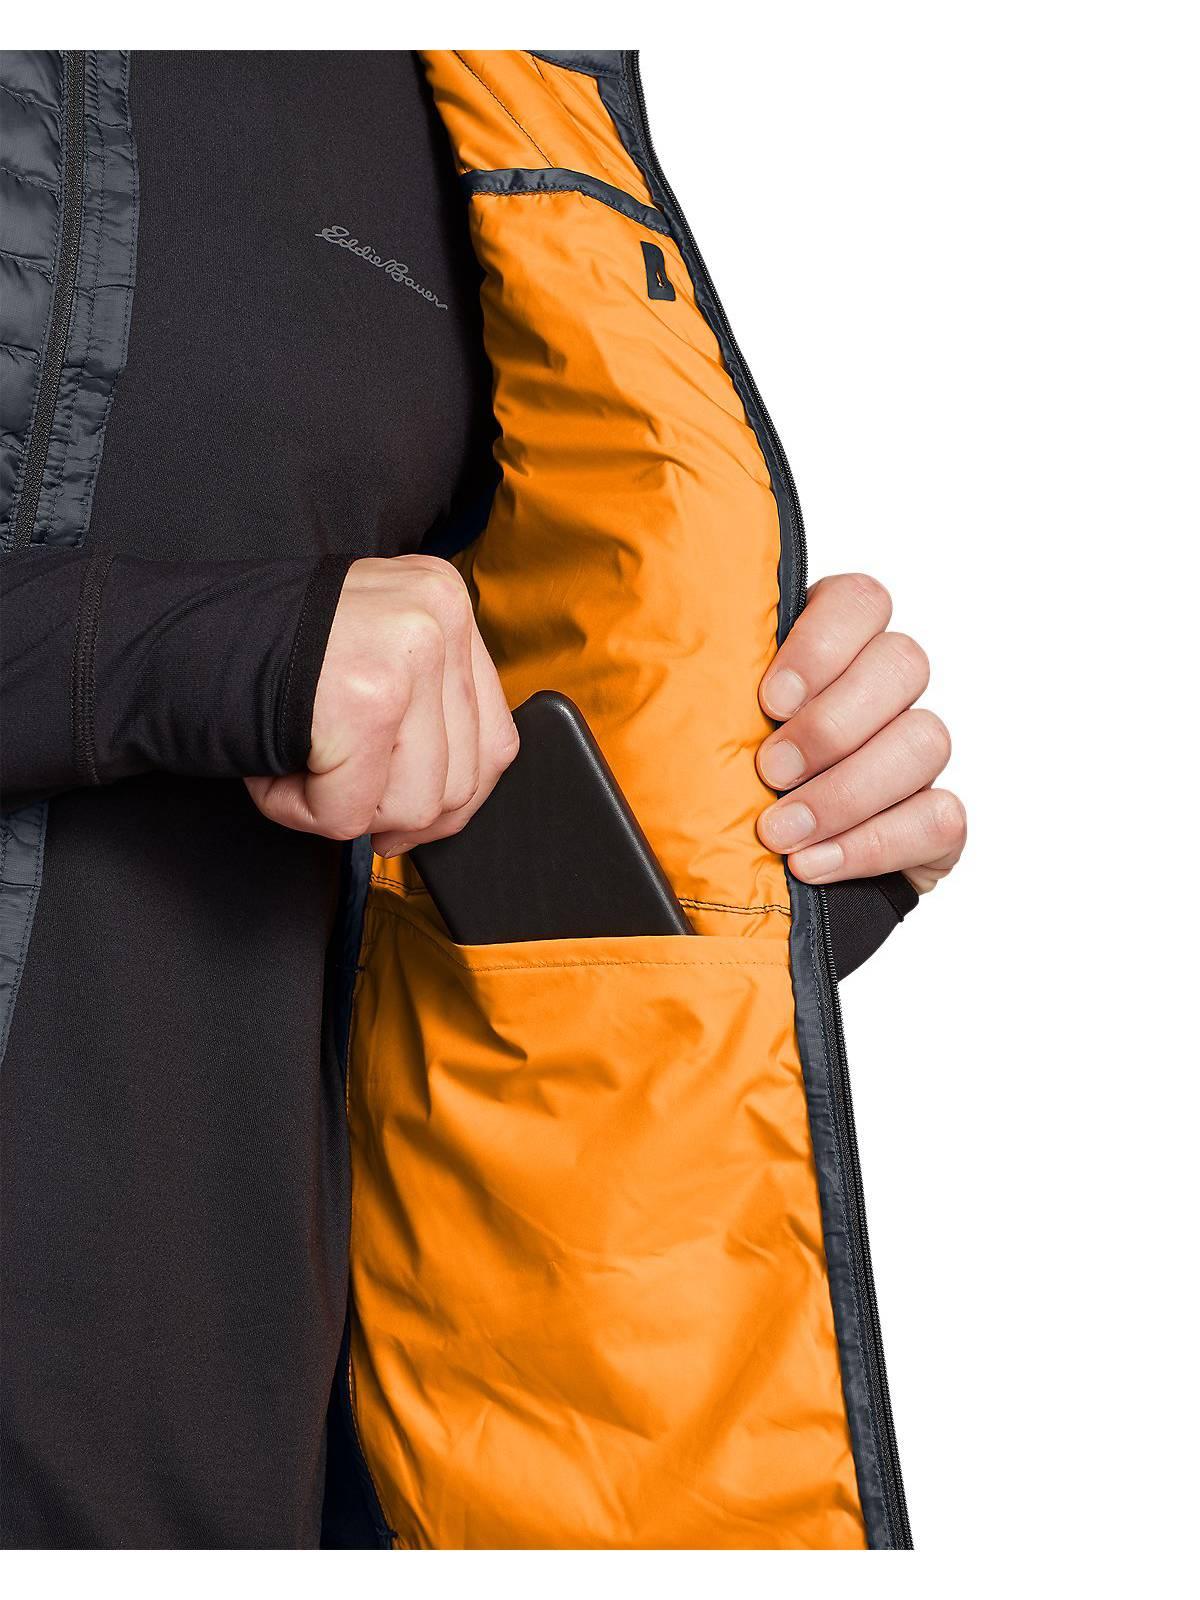 Eddie Bauer Men/'s MicroTherm 2.0 StormDown Vest